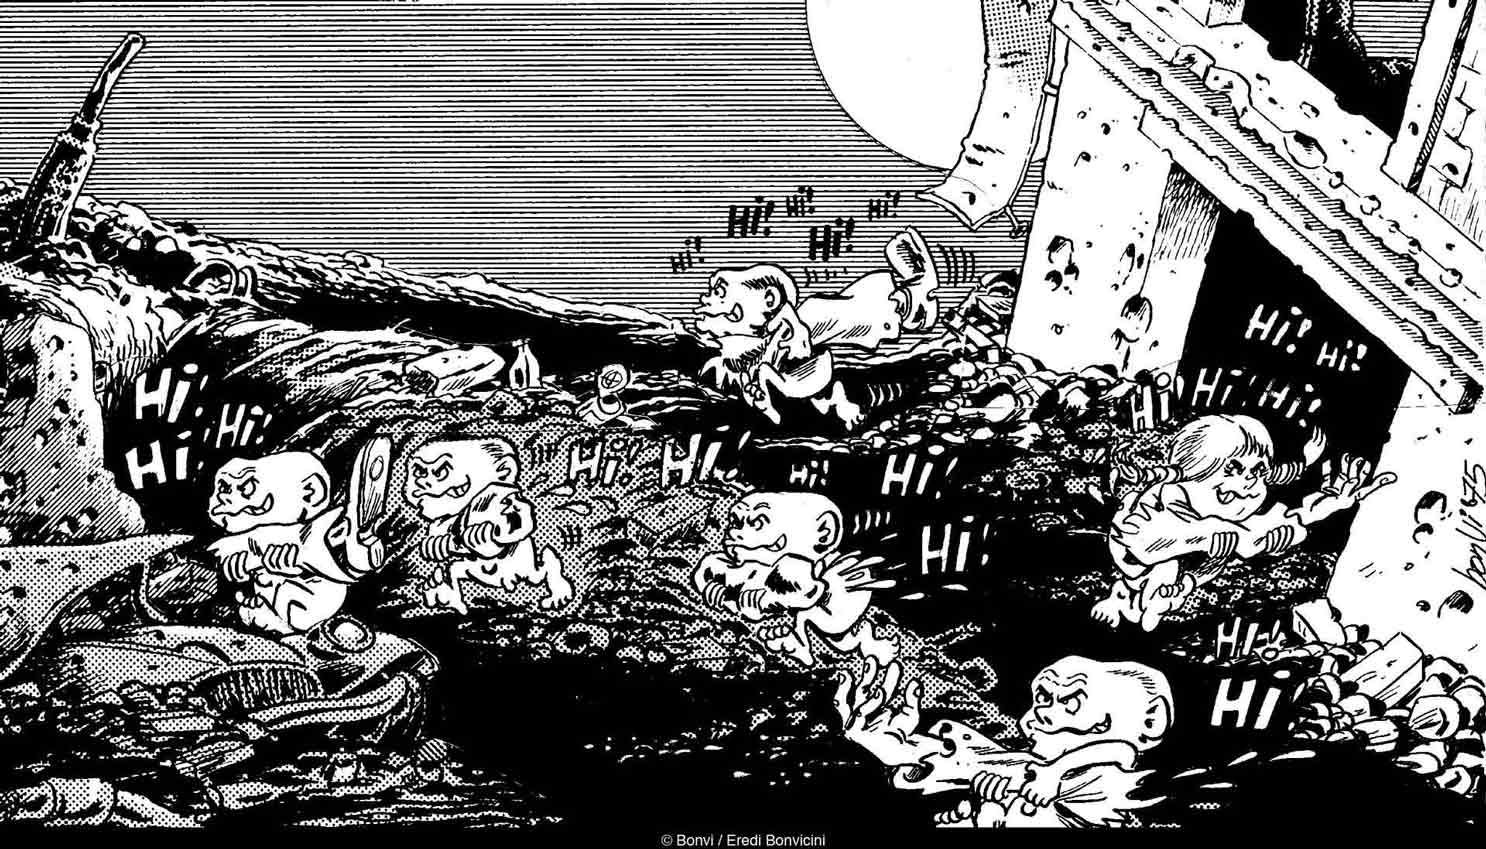 CRONACHE DEL DOPOBOMBA LO SCENARIO È QUELLO DEL FALLOUT NUCLEARE, IL MONDO È ABITATO DA MUTANTI CHE LOTTANO SPIETATAMENTE PER LA SEMPLICE SOPRAVVIVENZA.